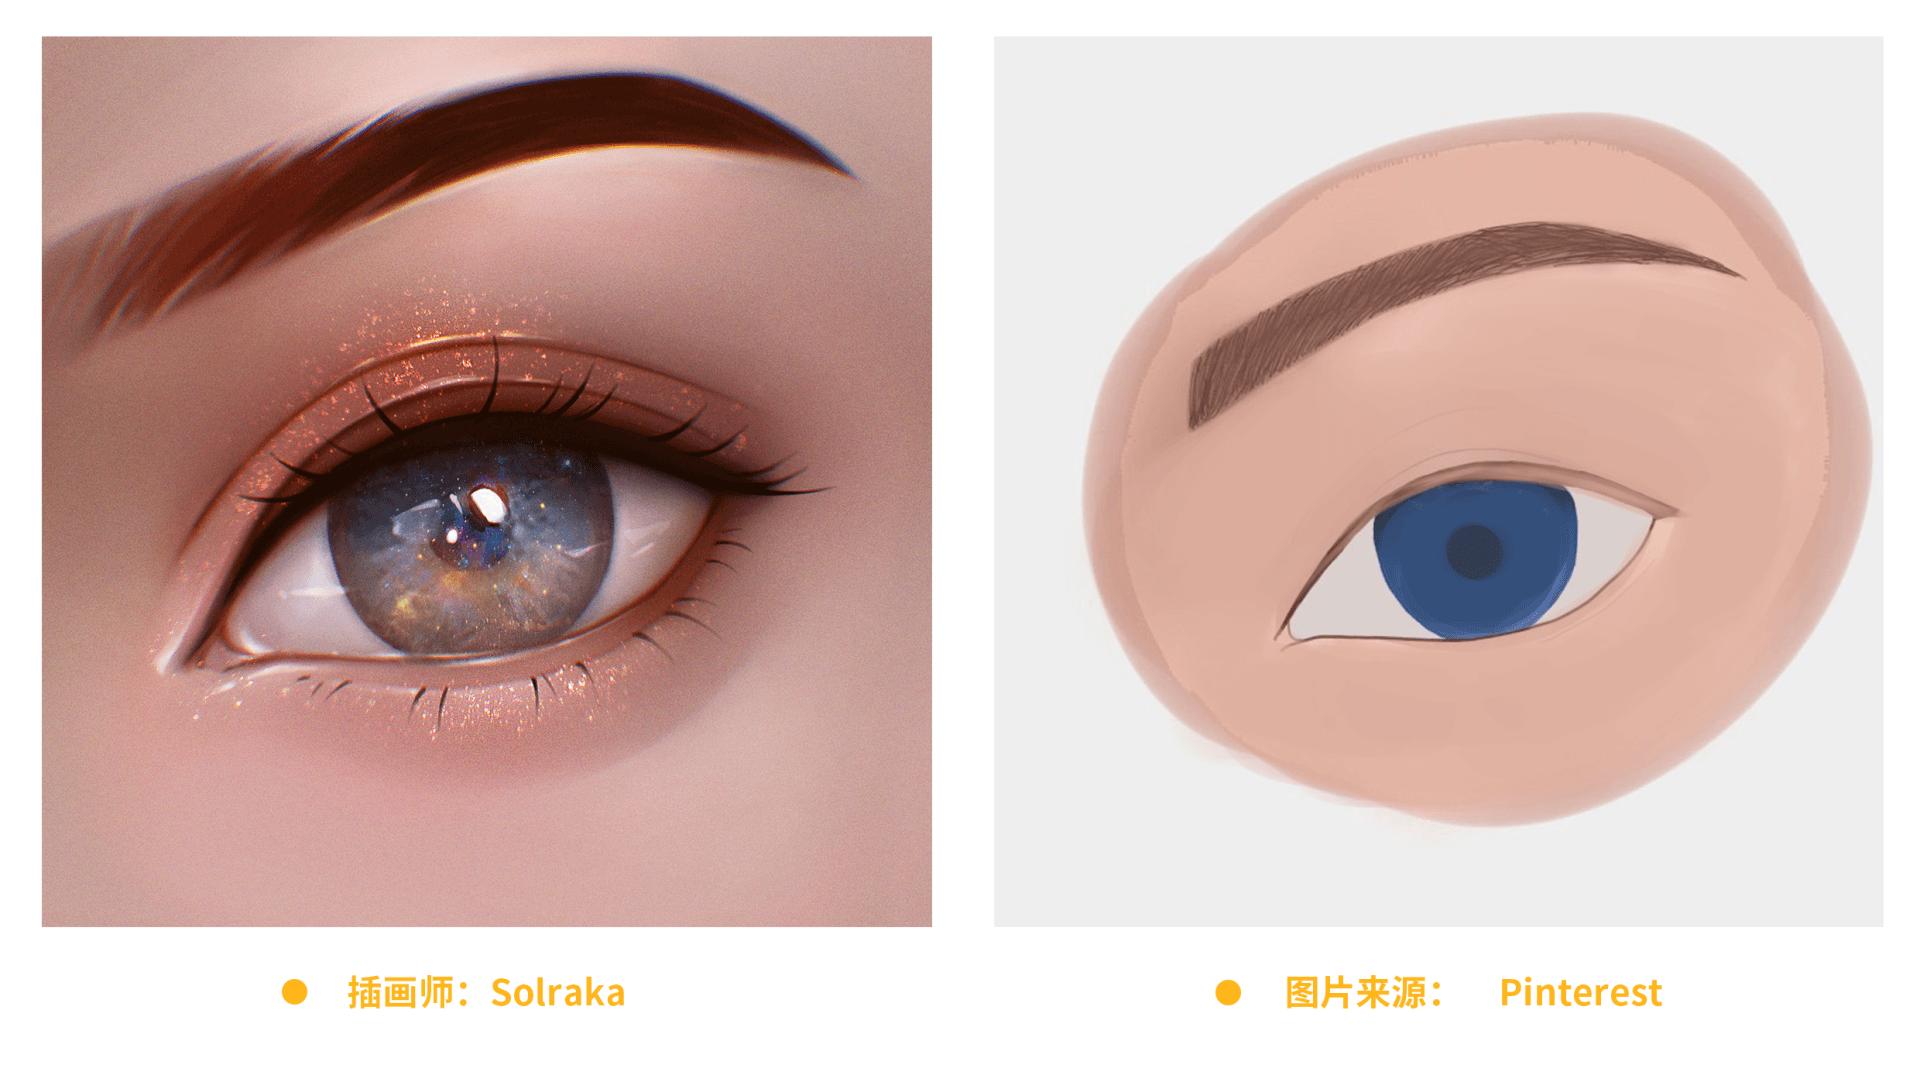 4种风格实例、11个眼睛绘制要点,手把手教你画眼睛!